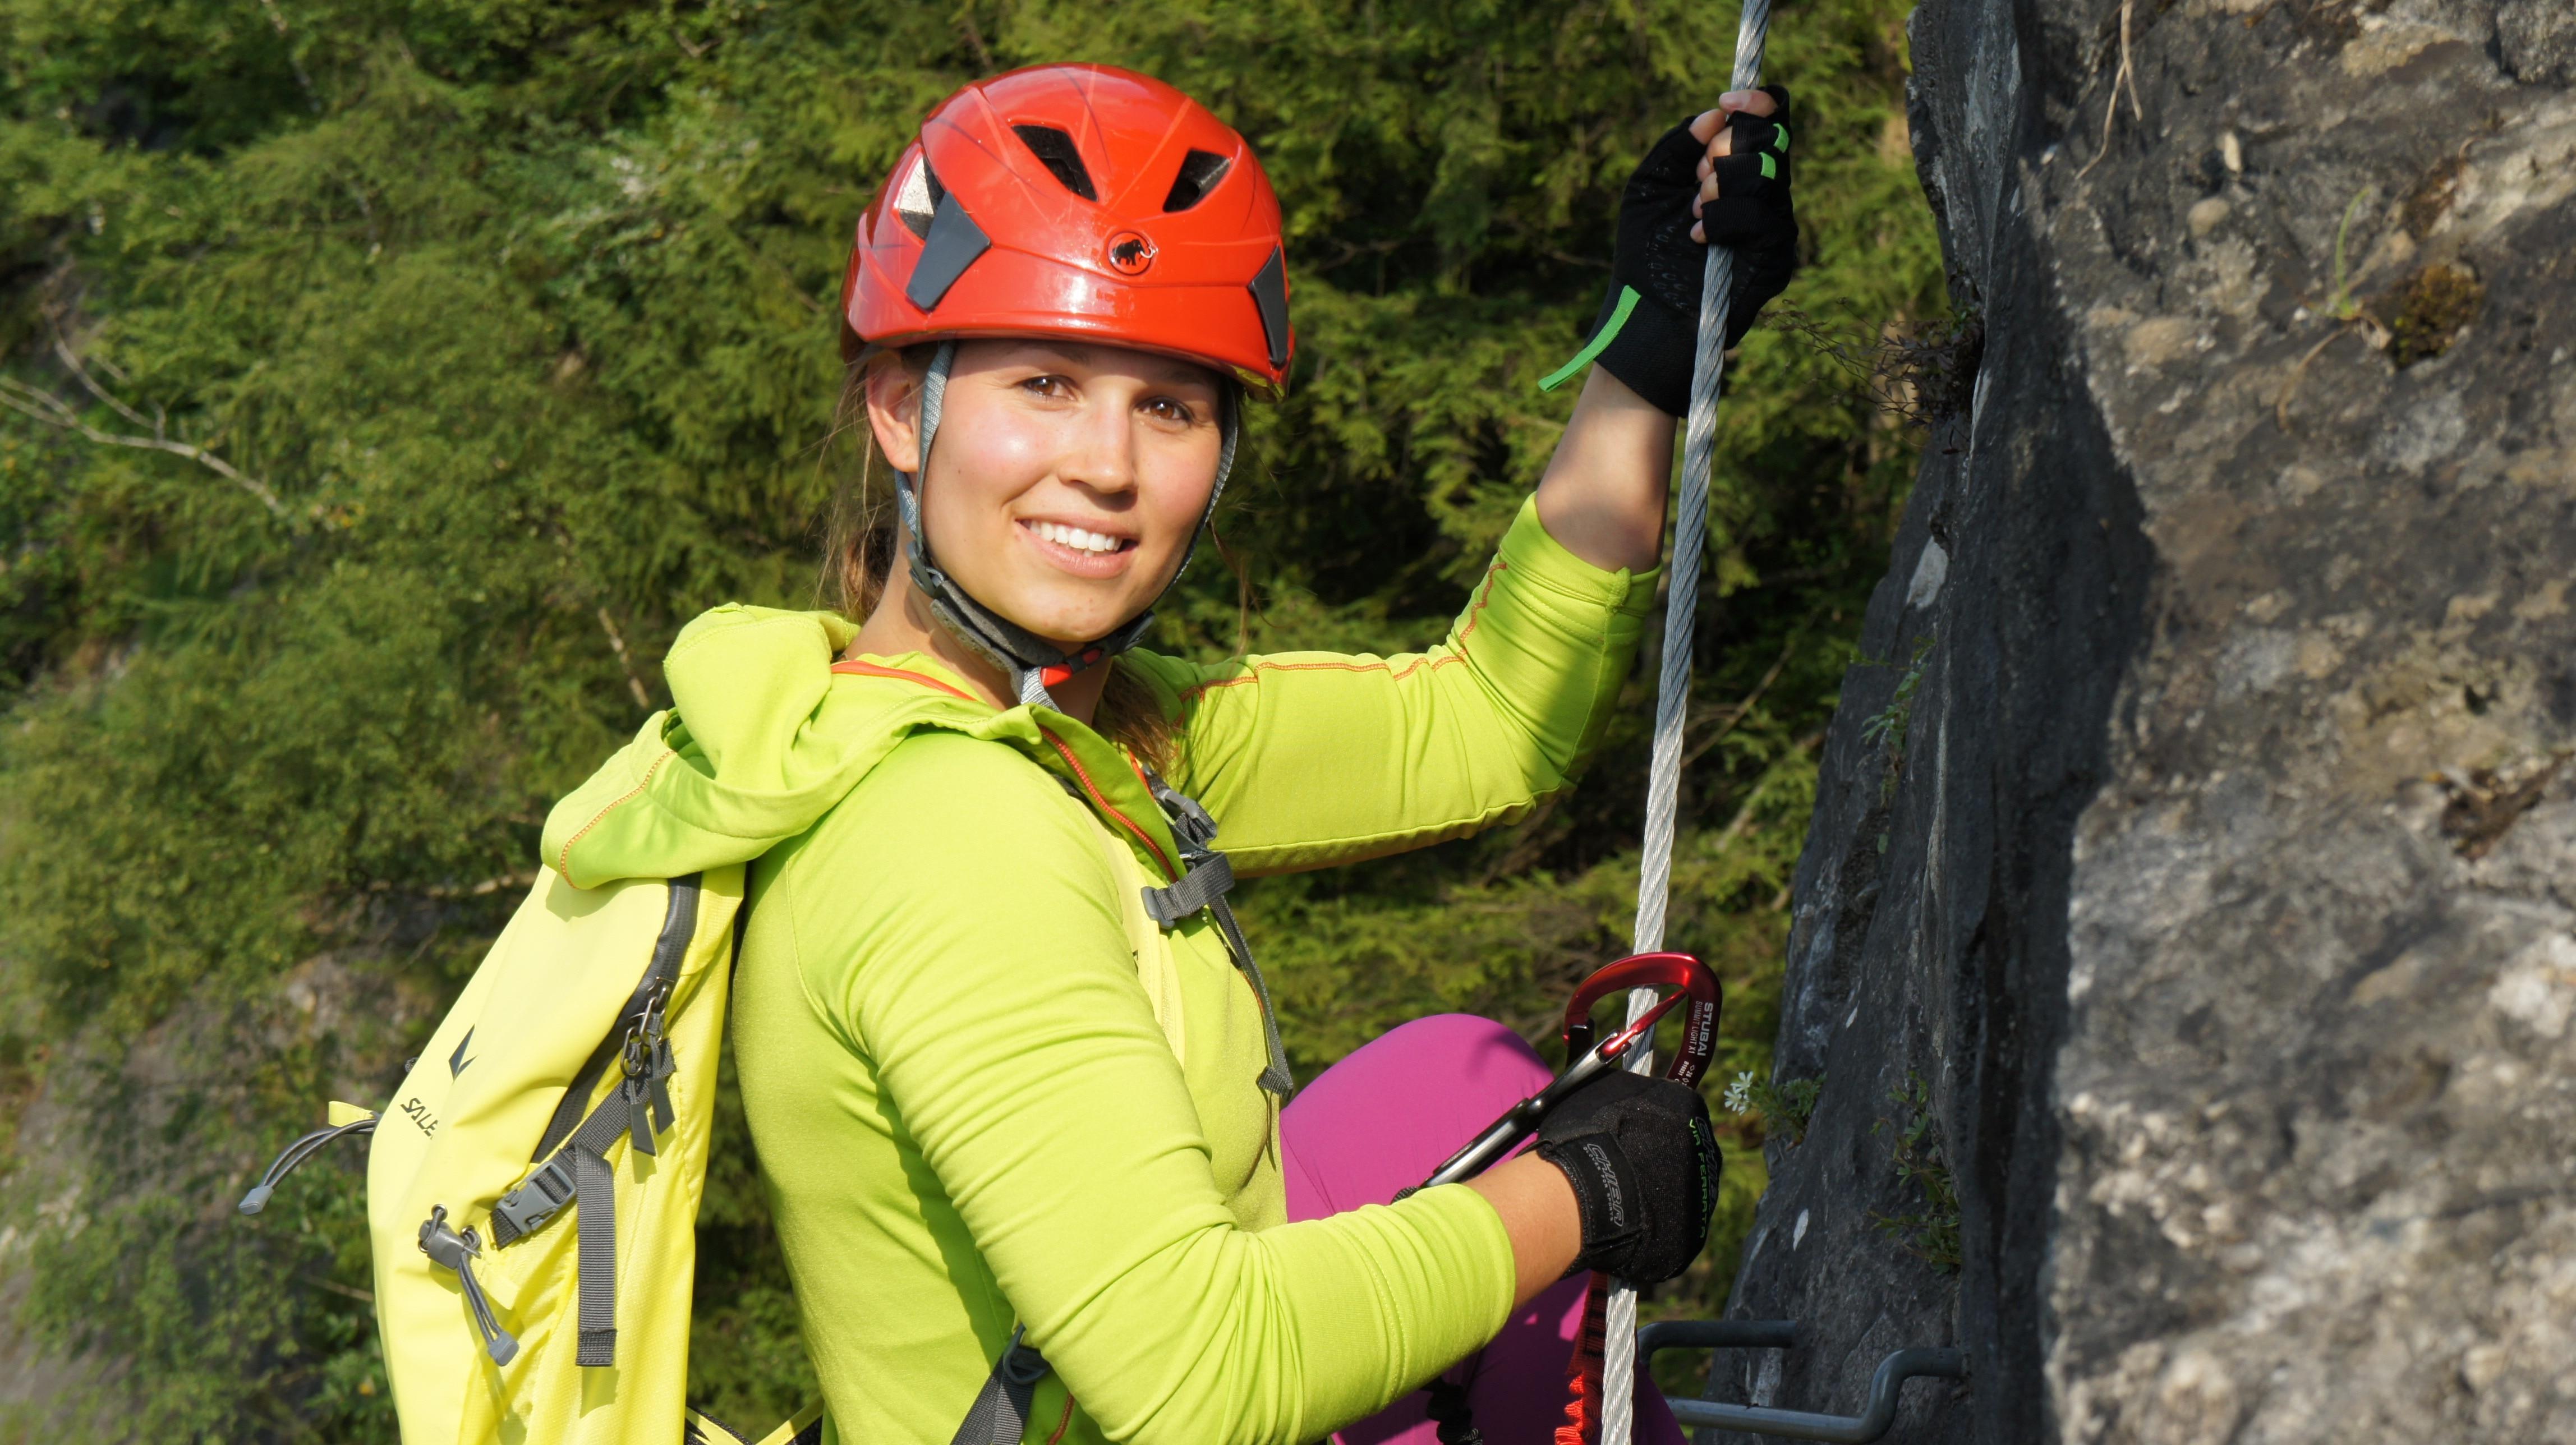 Klettergurt Für Halle Und Klettersteig : Testsieger daunenschlafsack klettergurt tourenhosen